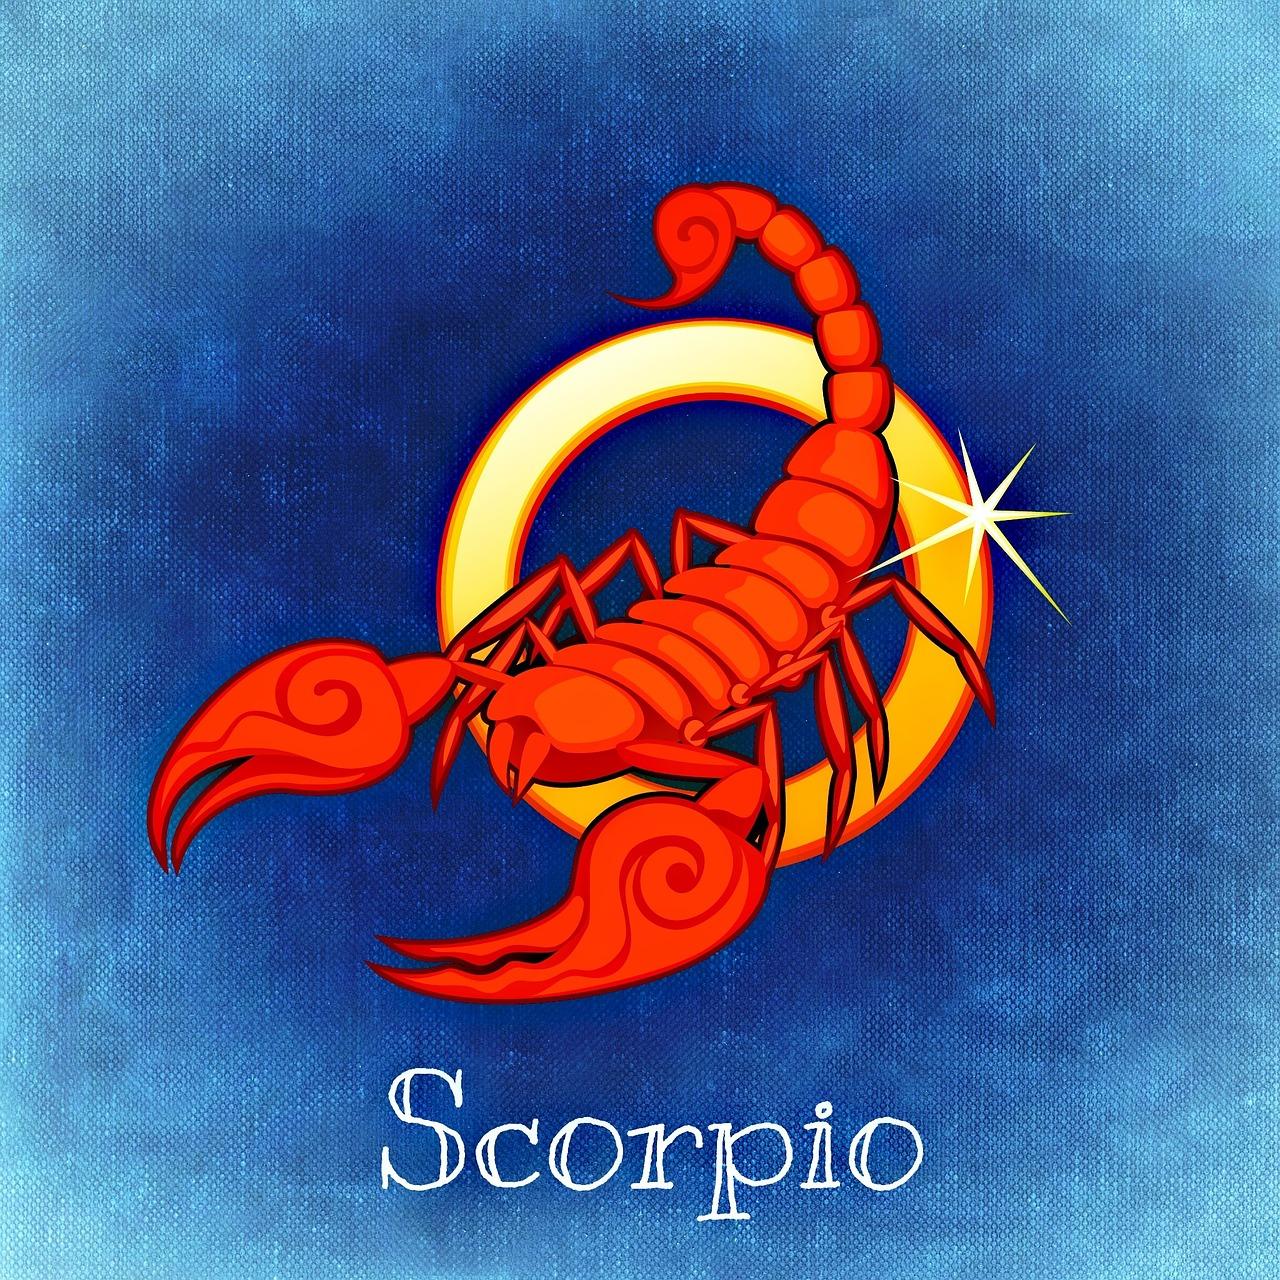 Photo of Un Altfel de Horoscop Scorpion 2015: Eliberarea pentru Scorpioni